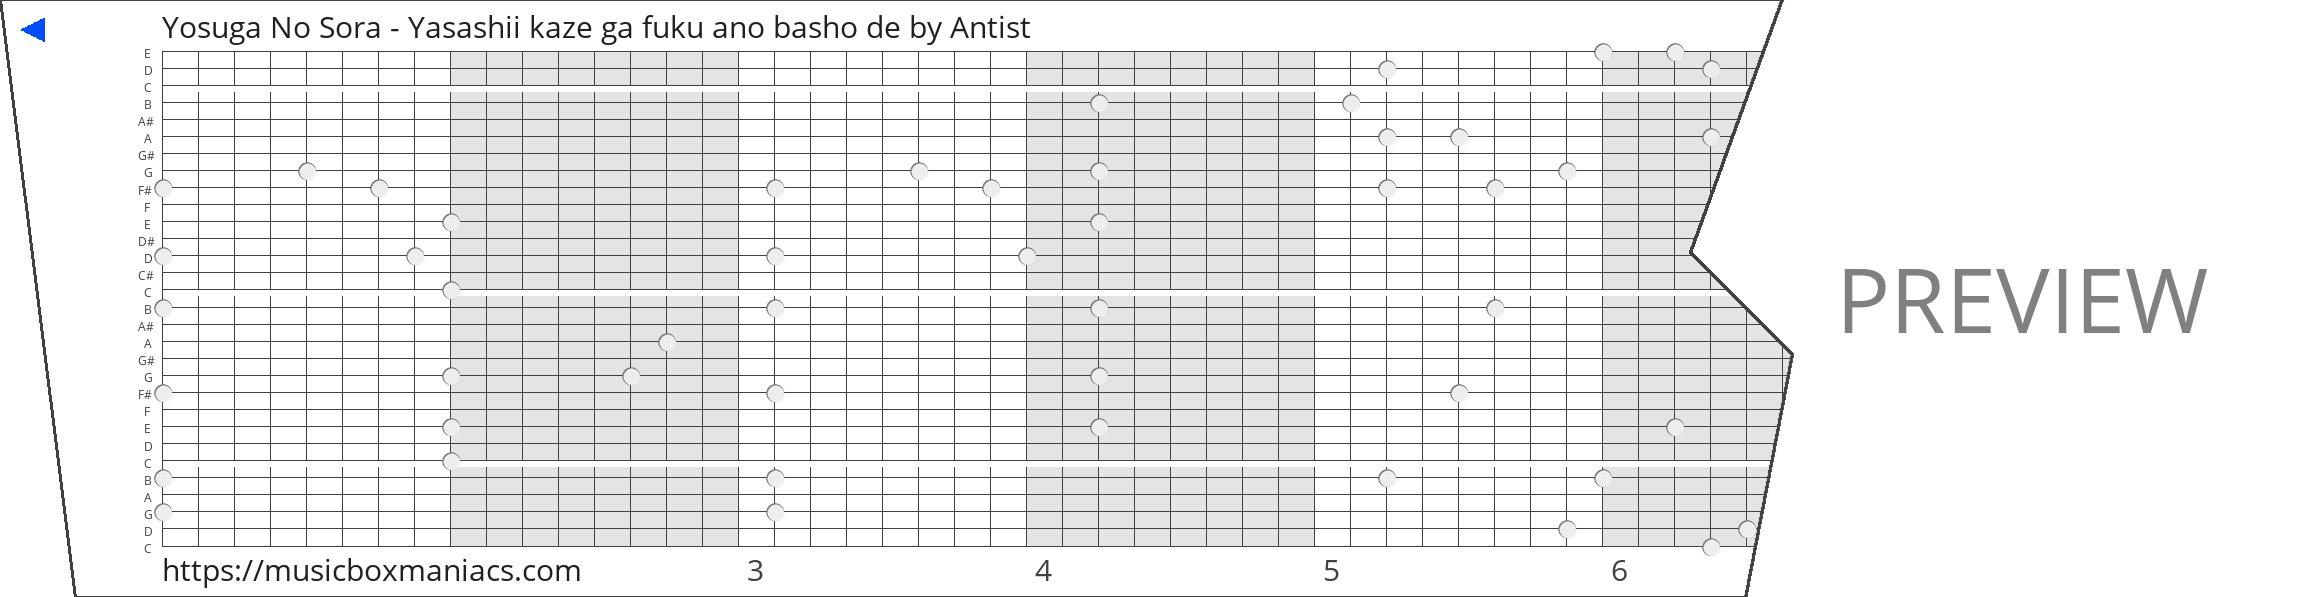 Yosuga No Sora - Yasashii kaze ga fuku ano basho de 30 note music box paper strip